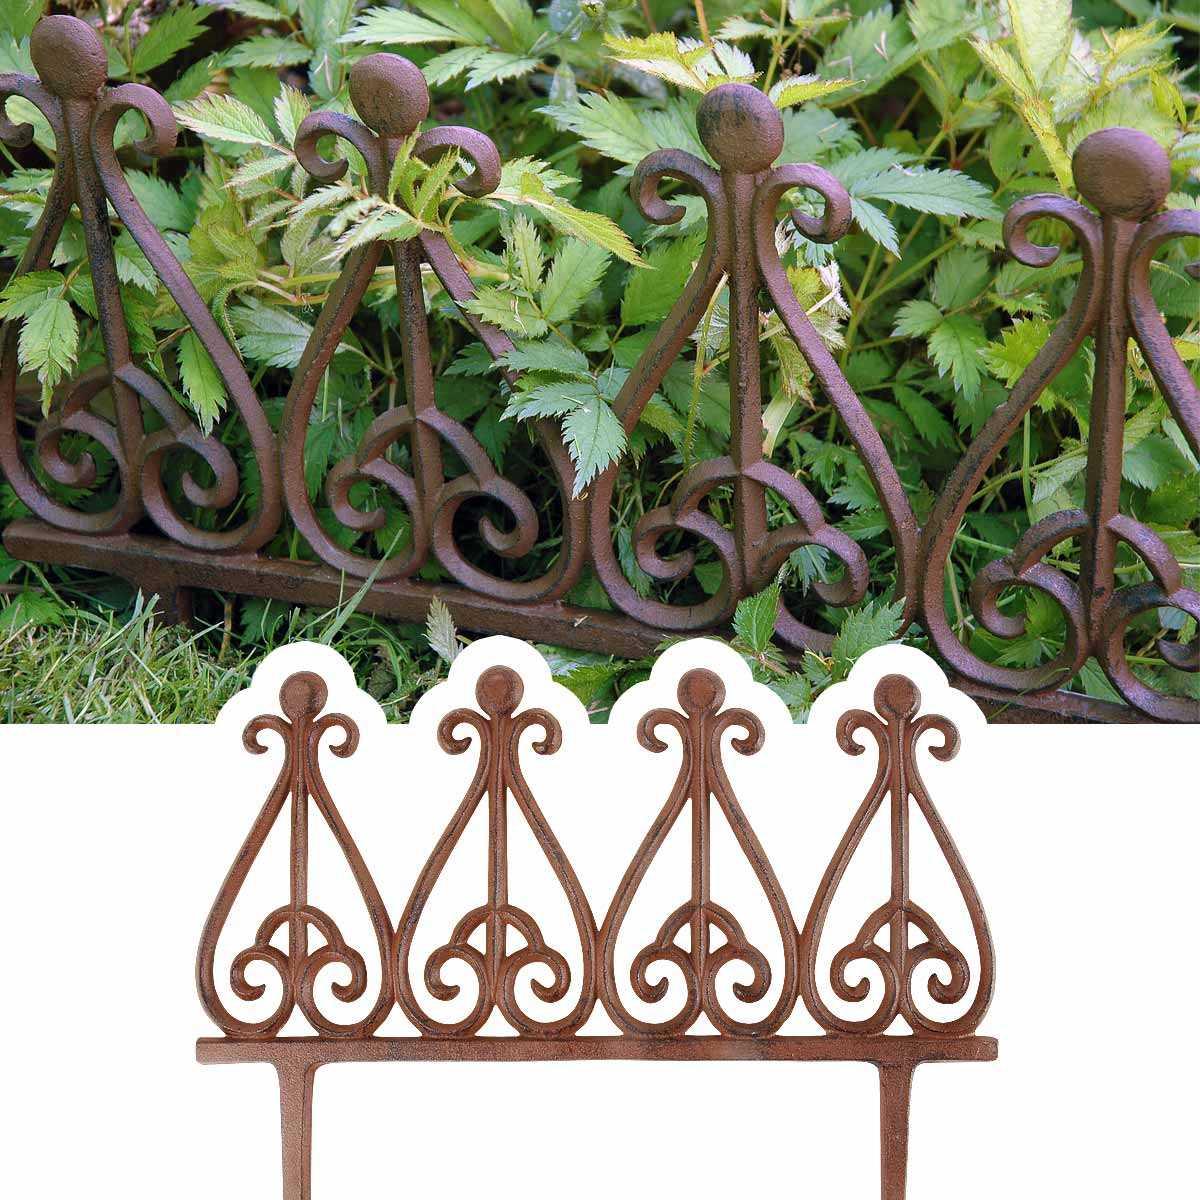 Bordure Métal Fonte Style Antique dedans Bordure Jardin Pas Cher